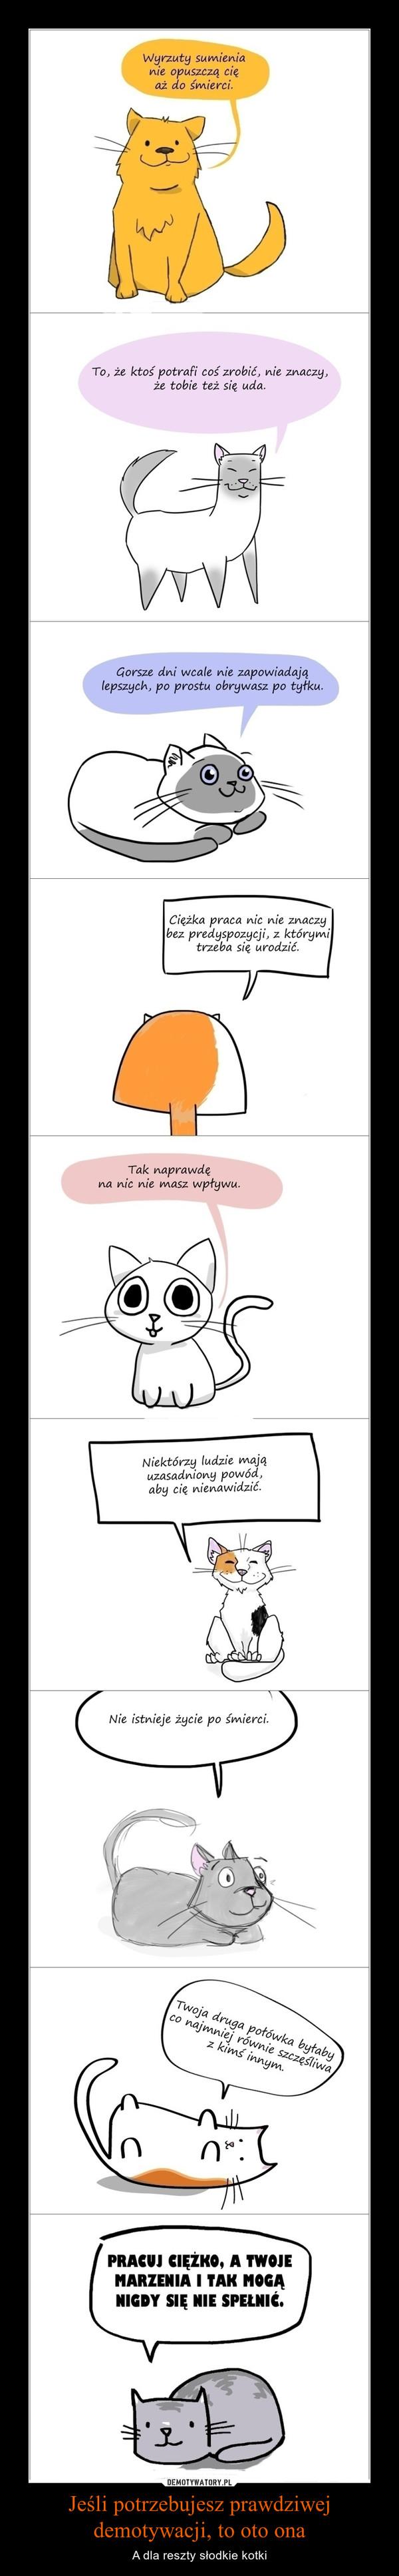 Jeśli potrzebujesz prawdziwej demotywacji, to oto ona – A dla reszty słodkie kotki